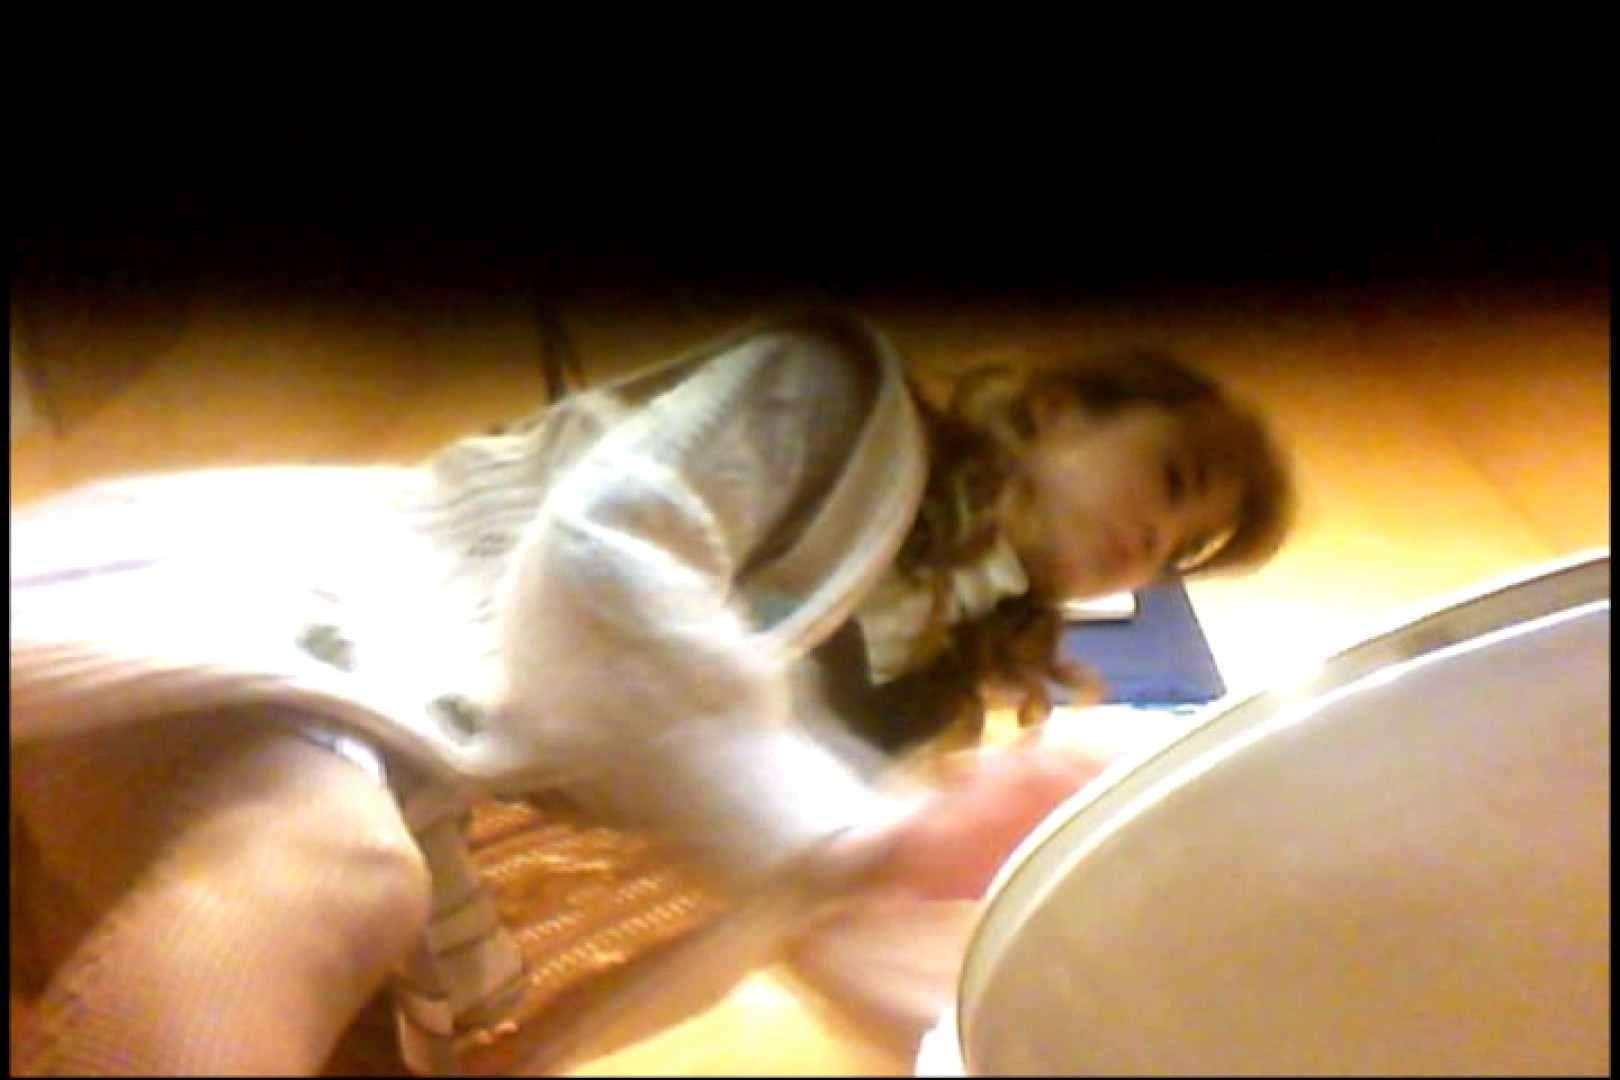 マダムが集まるデパートお手洗い Vol.04 お手洗い オマンコ無修正動画無料 91PIX 77